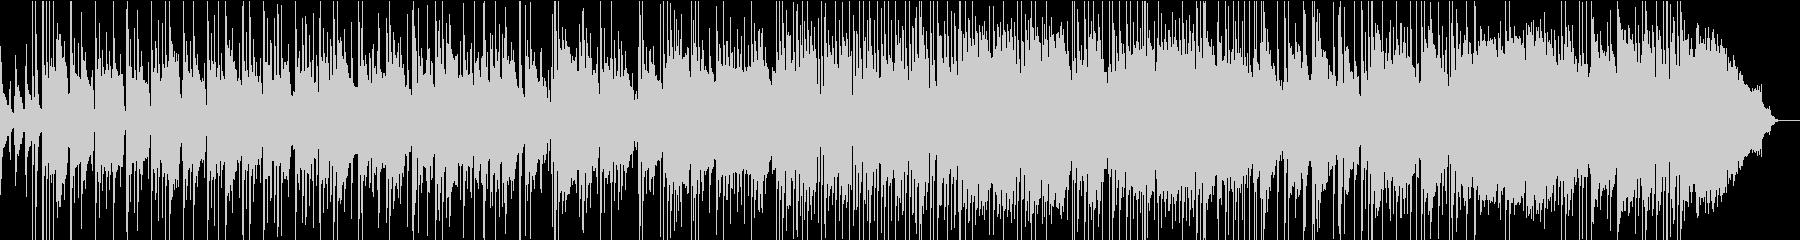 英詞AGラップスチールUKブルースロックの未再生の波形